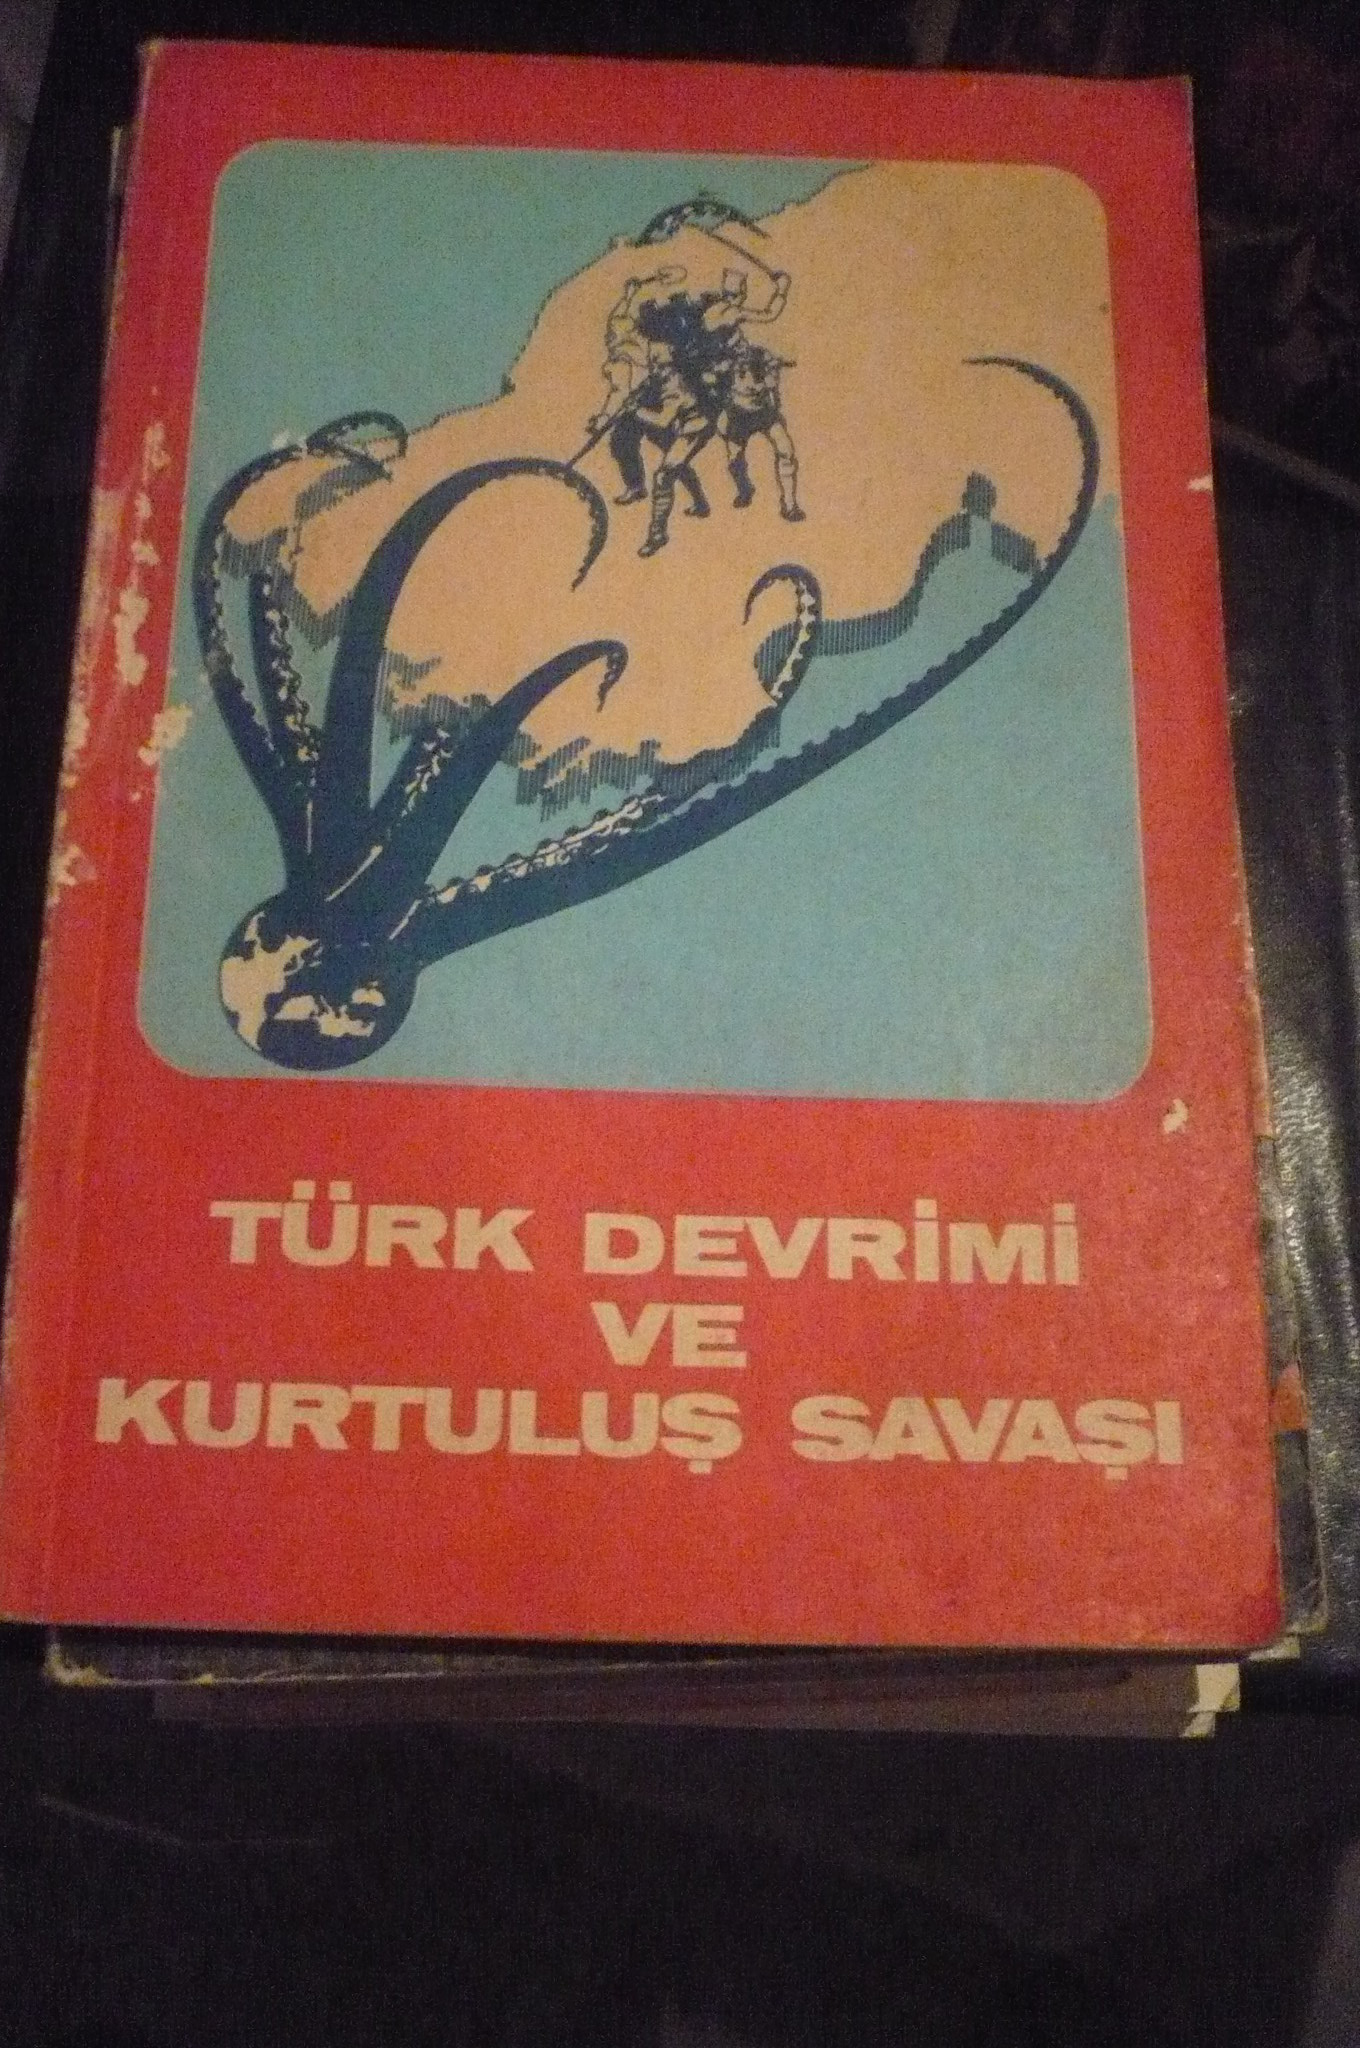 TÜRK DEVRİMİ VE KURTULUŞ SAVAŞI/ Genelkurmay/10 TL